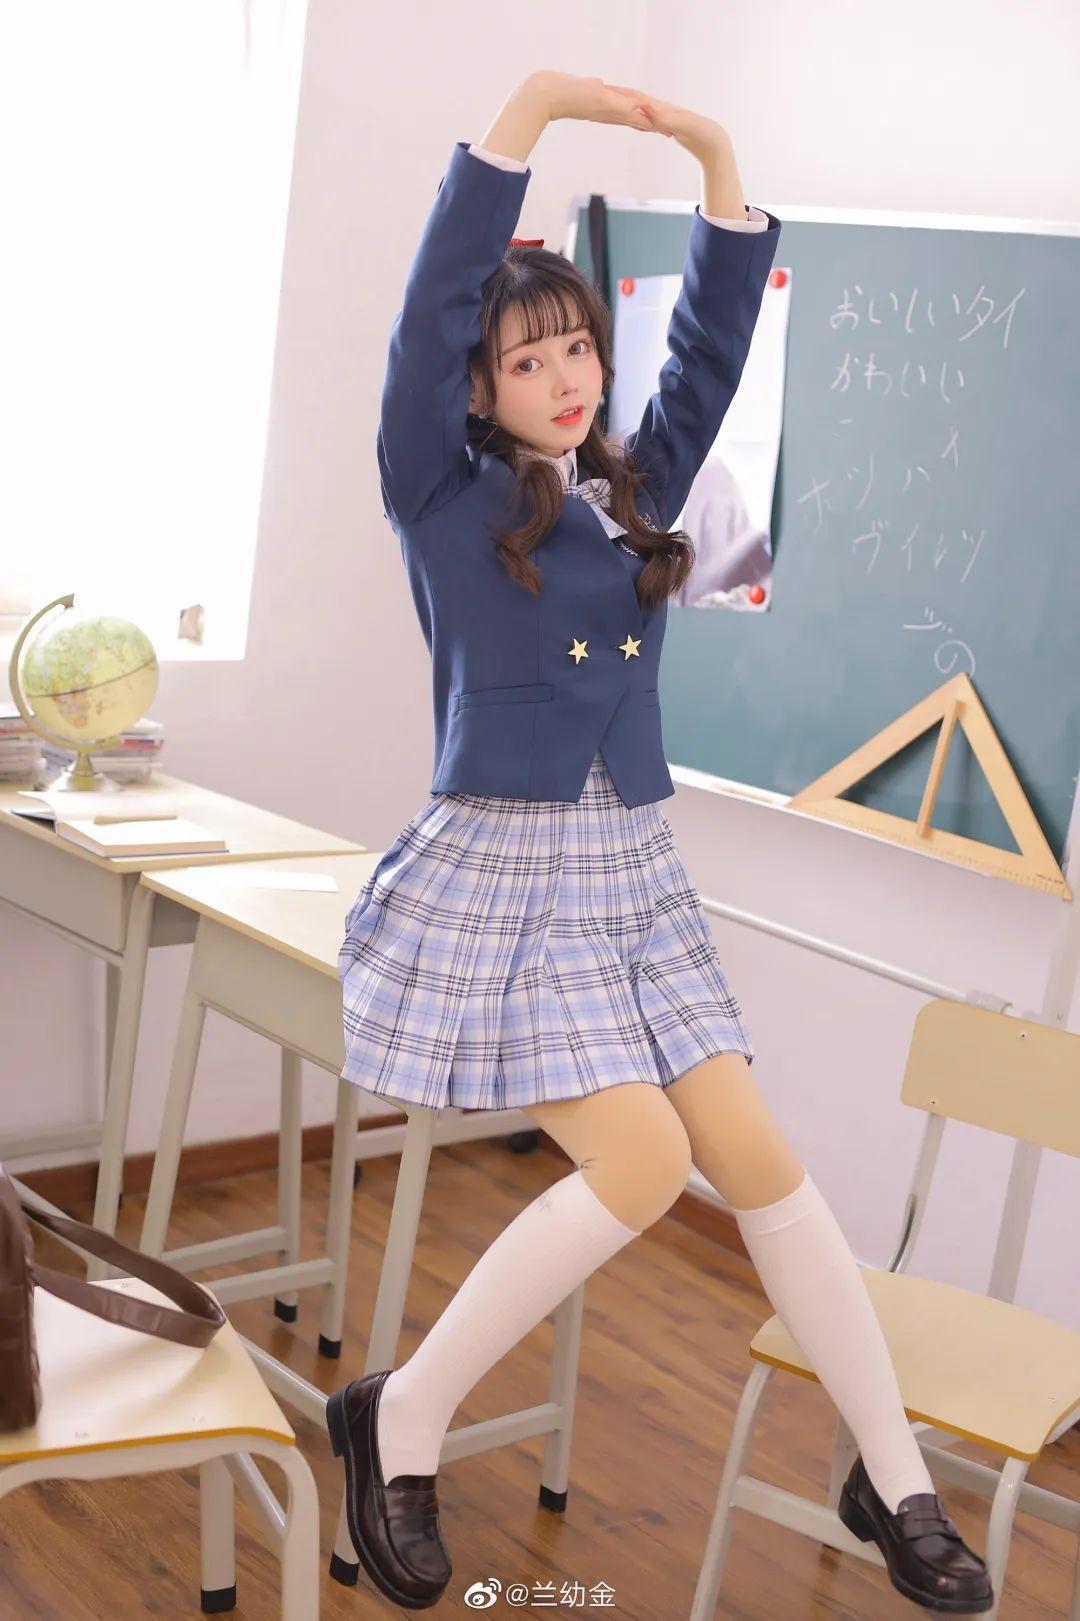 JK制服白丝袜 美少女兰幼金教室写真_图片 No.5